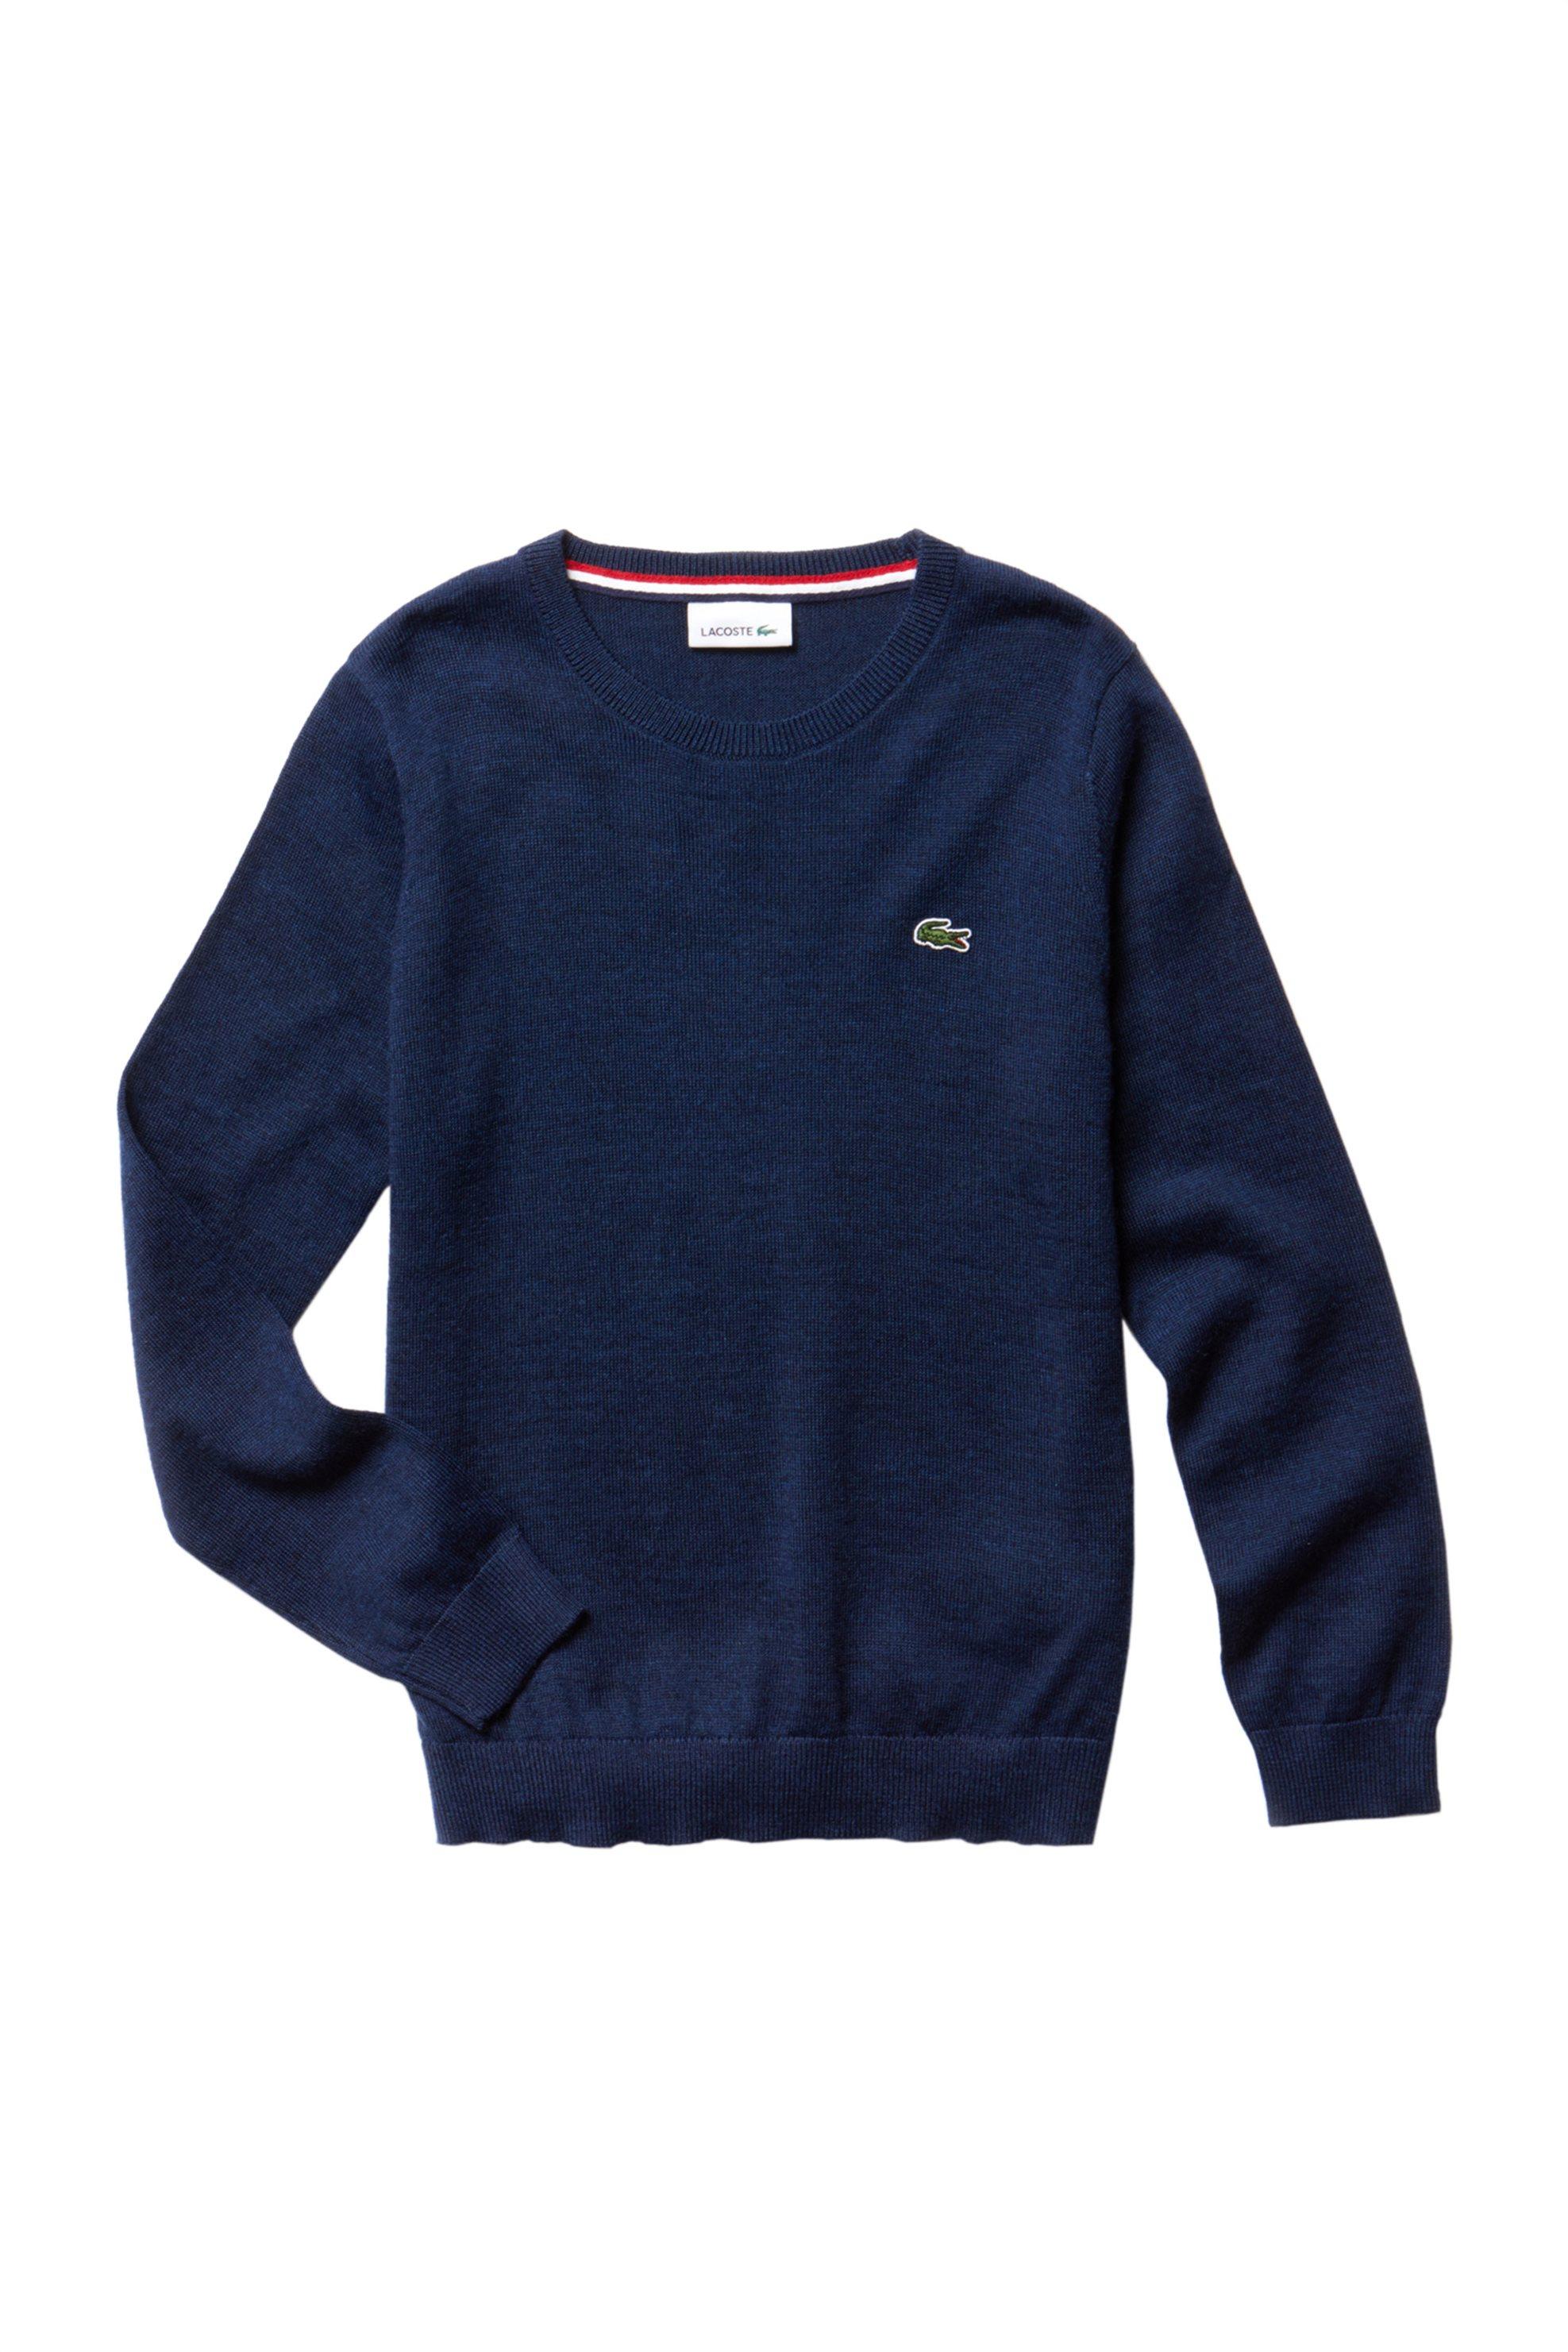 ab3cc56f6005 Lacoste παιδικό πουλόβερ με στρογγυλή λαιμόκοψη - AJ7432 - Μπλε Σκούρο